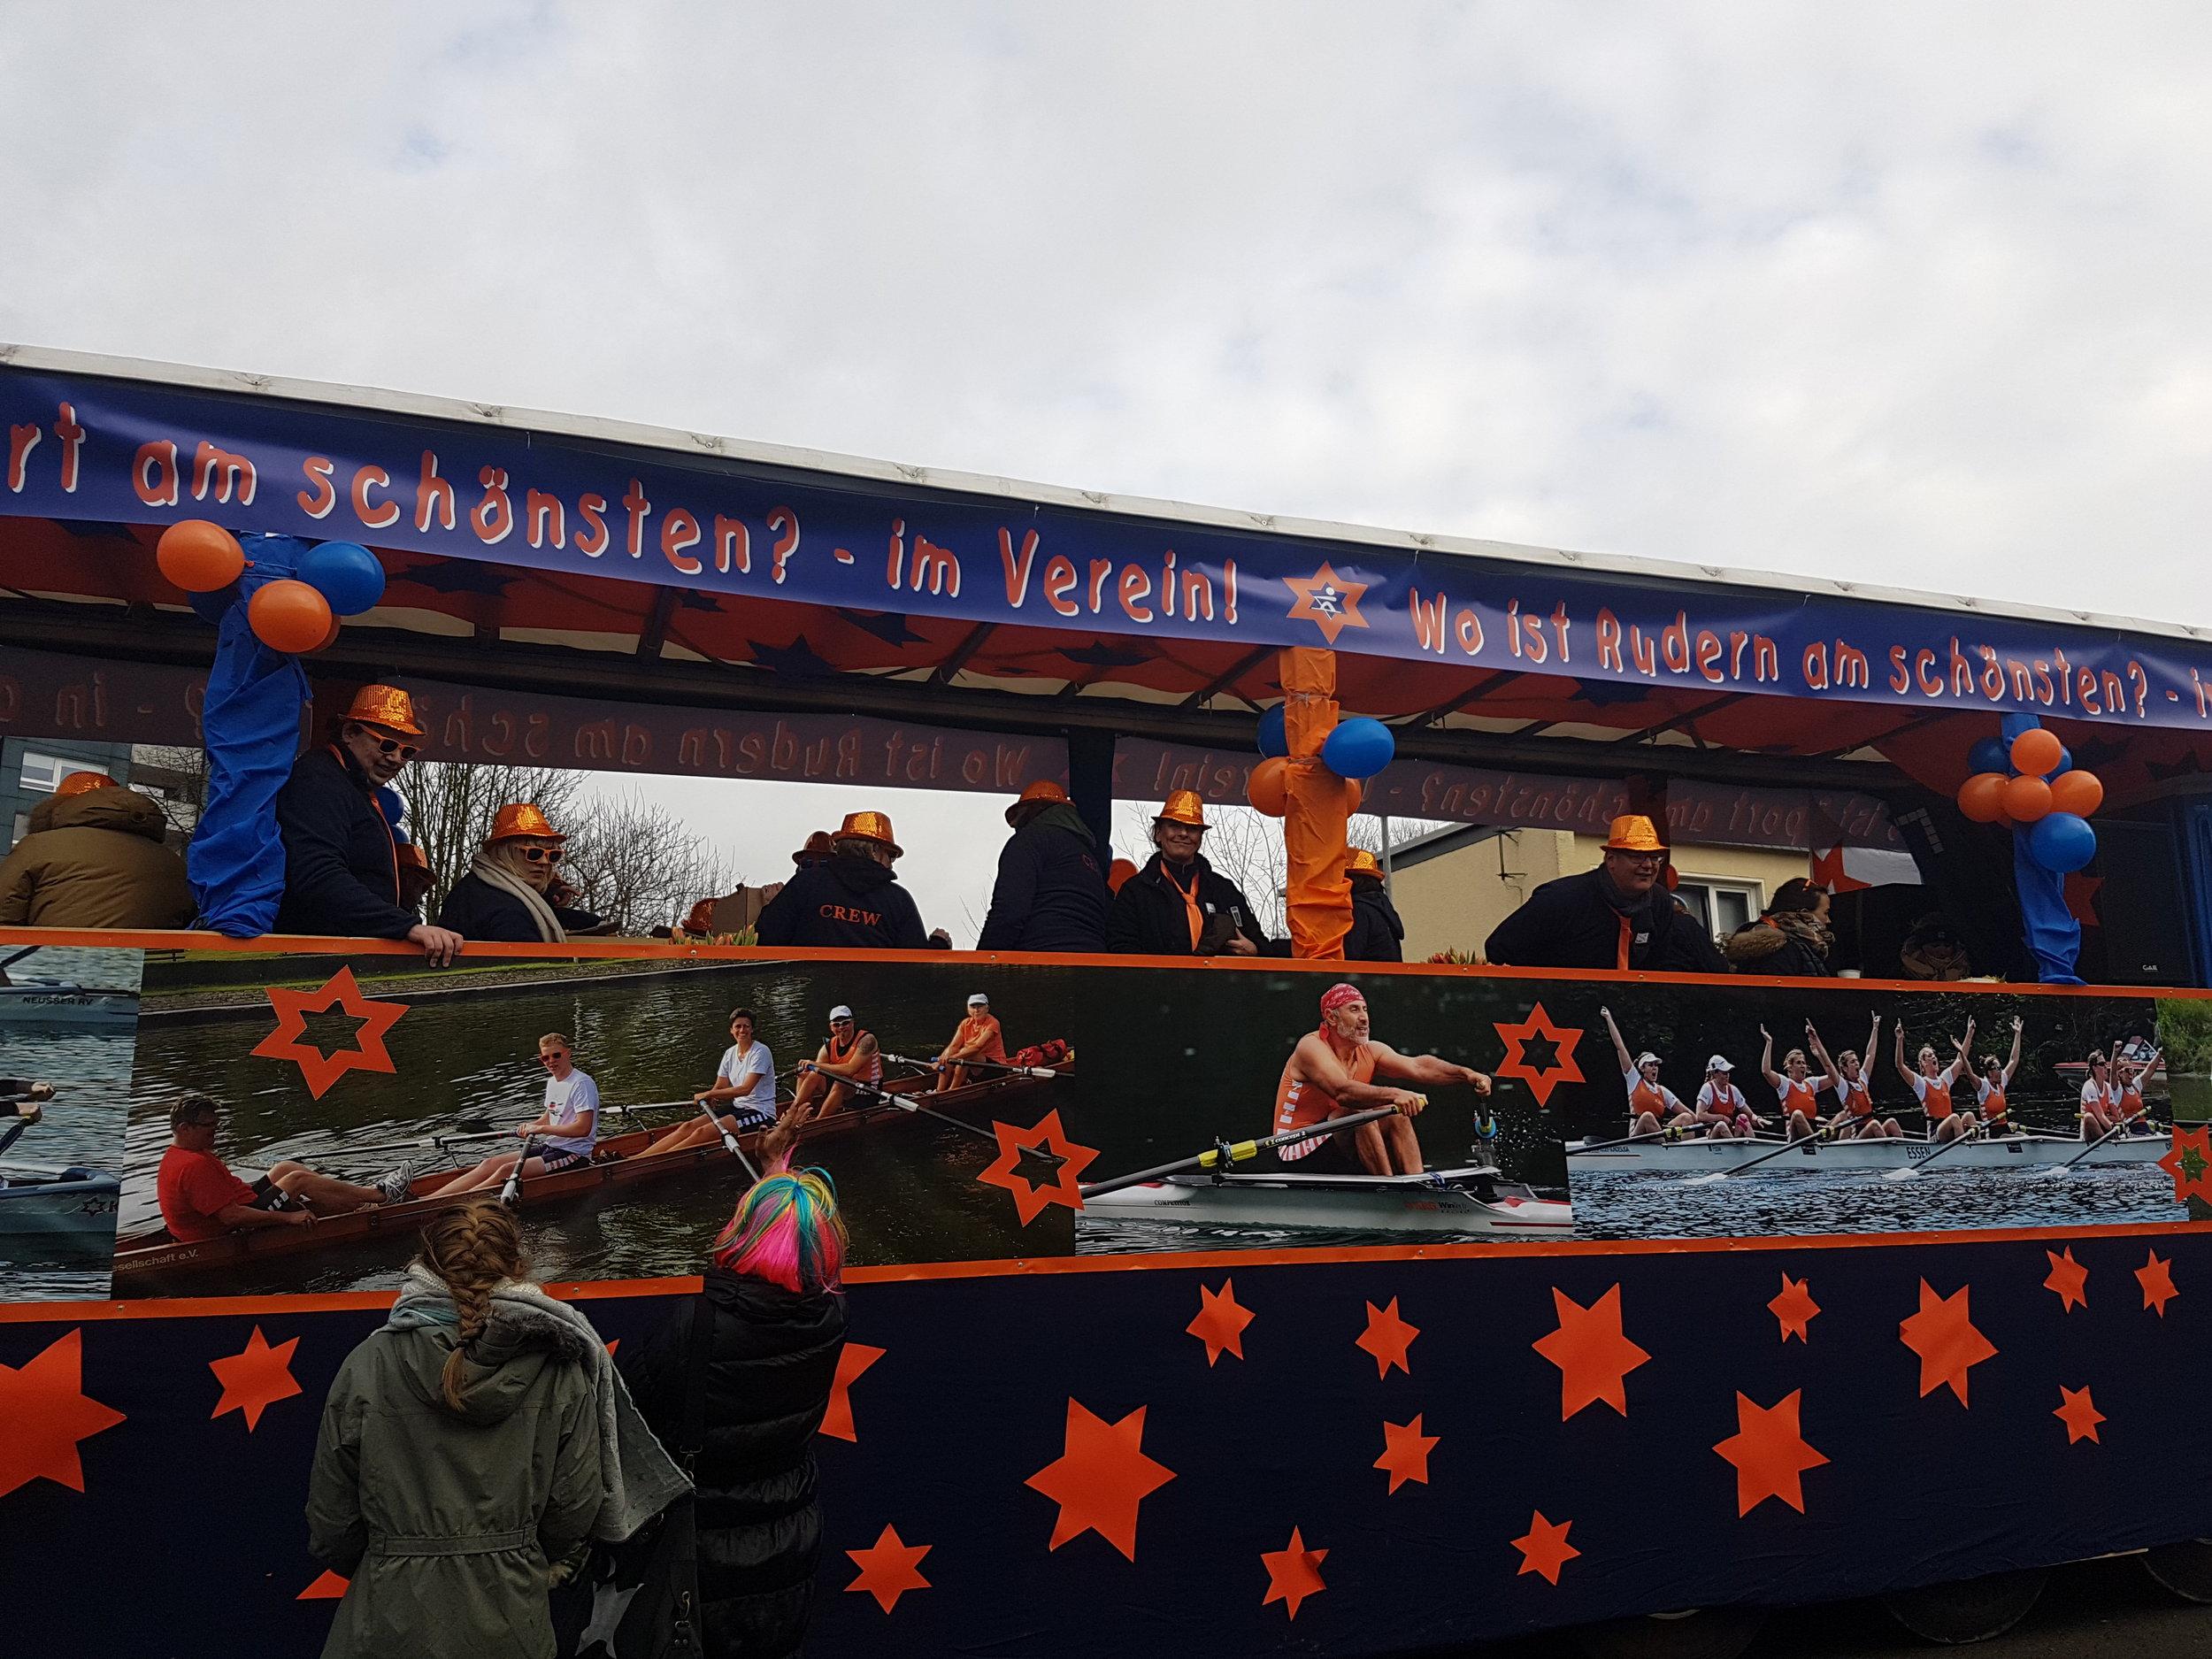 karnevalsumzug (18).jpg